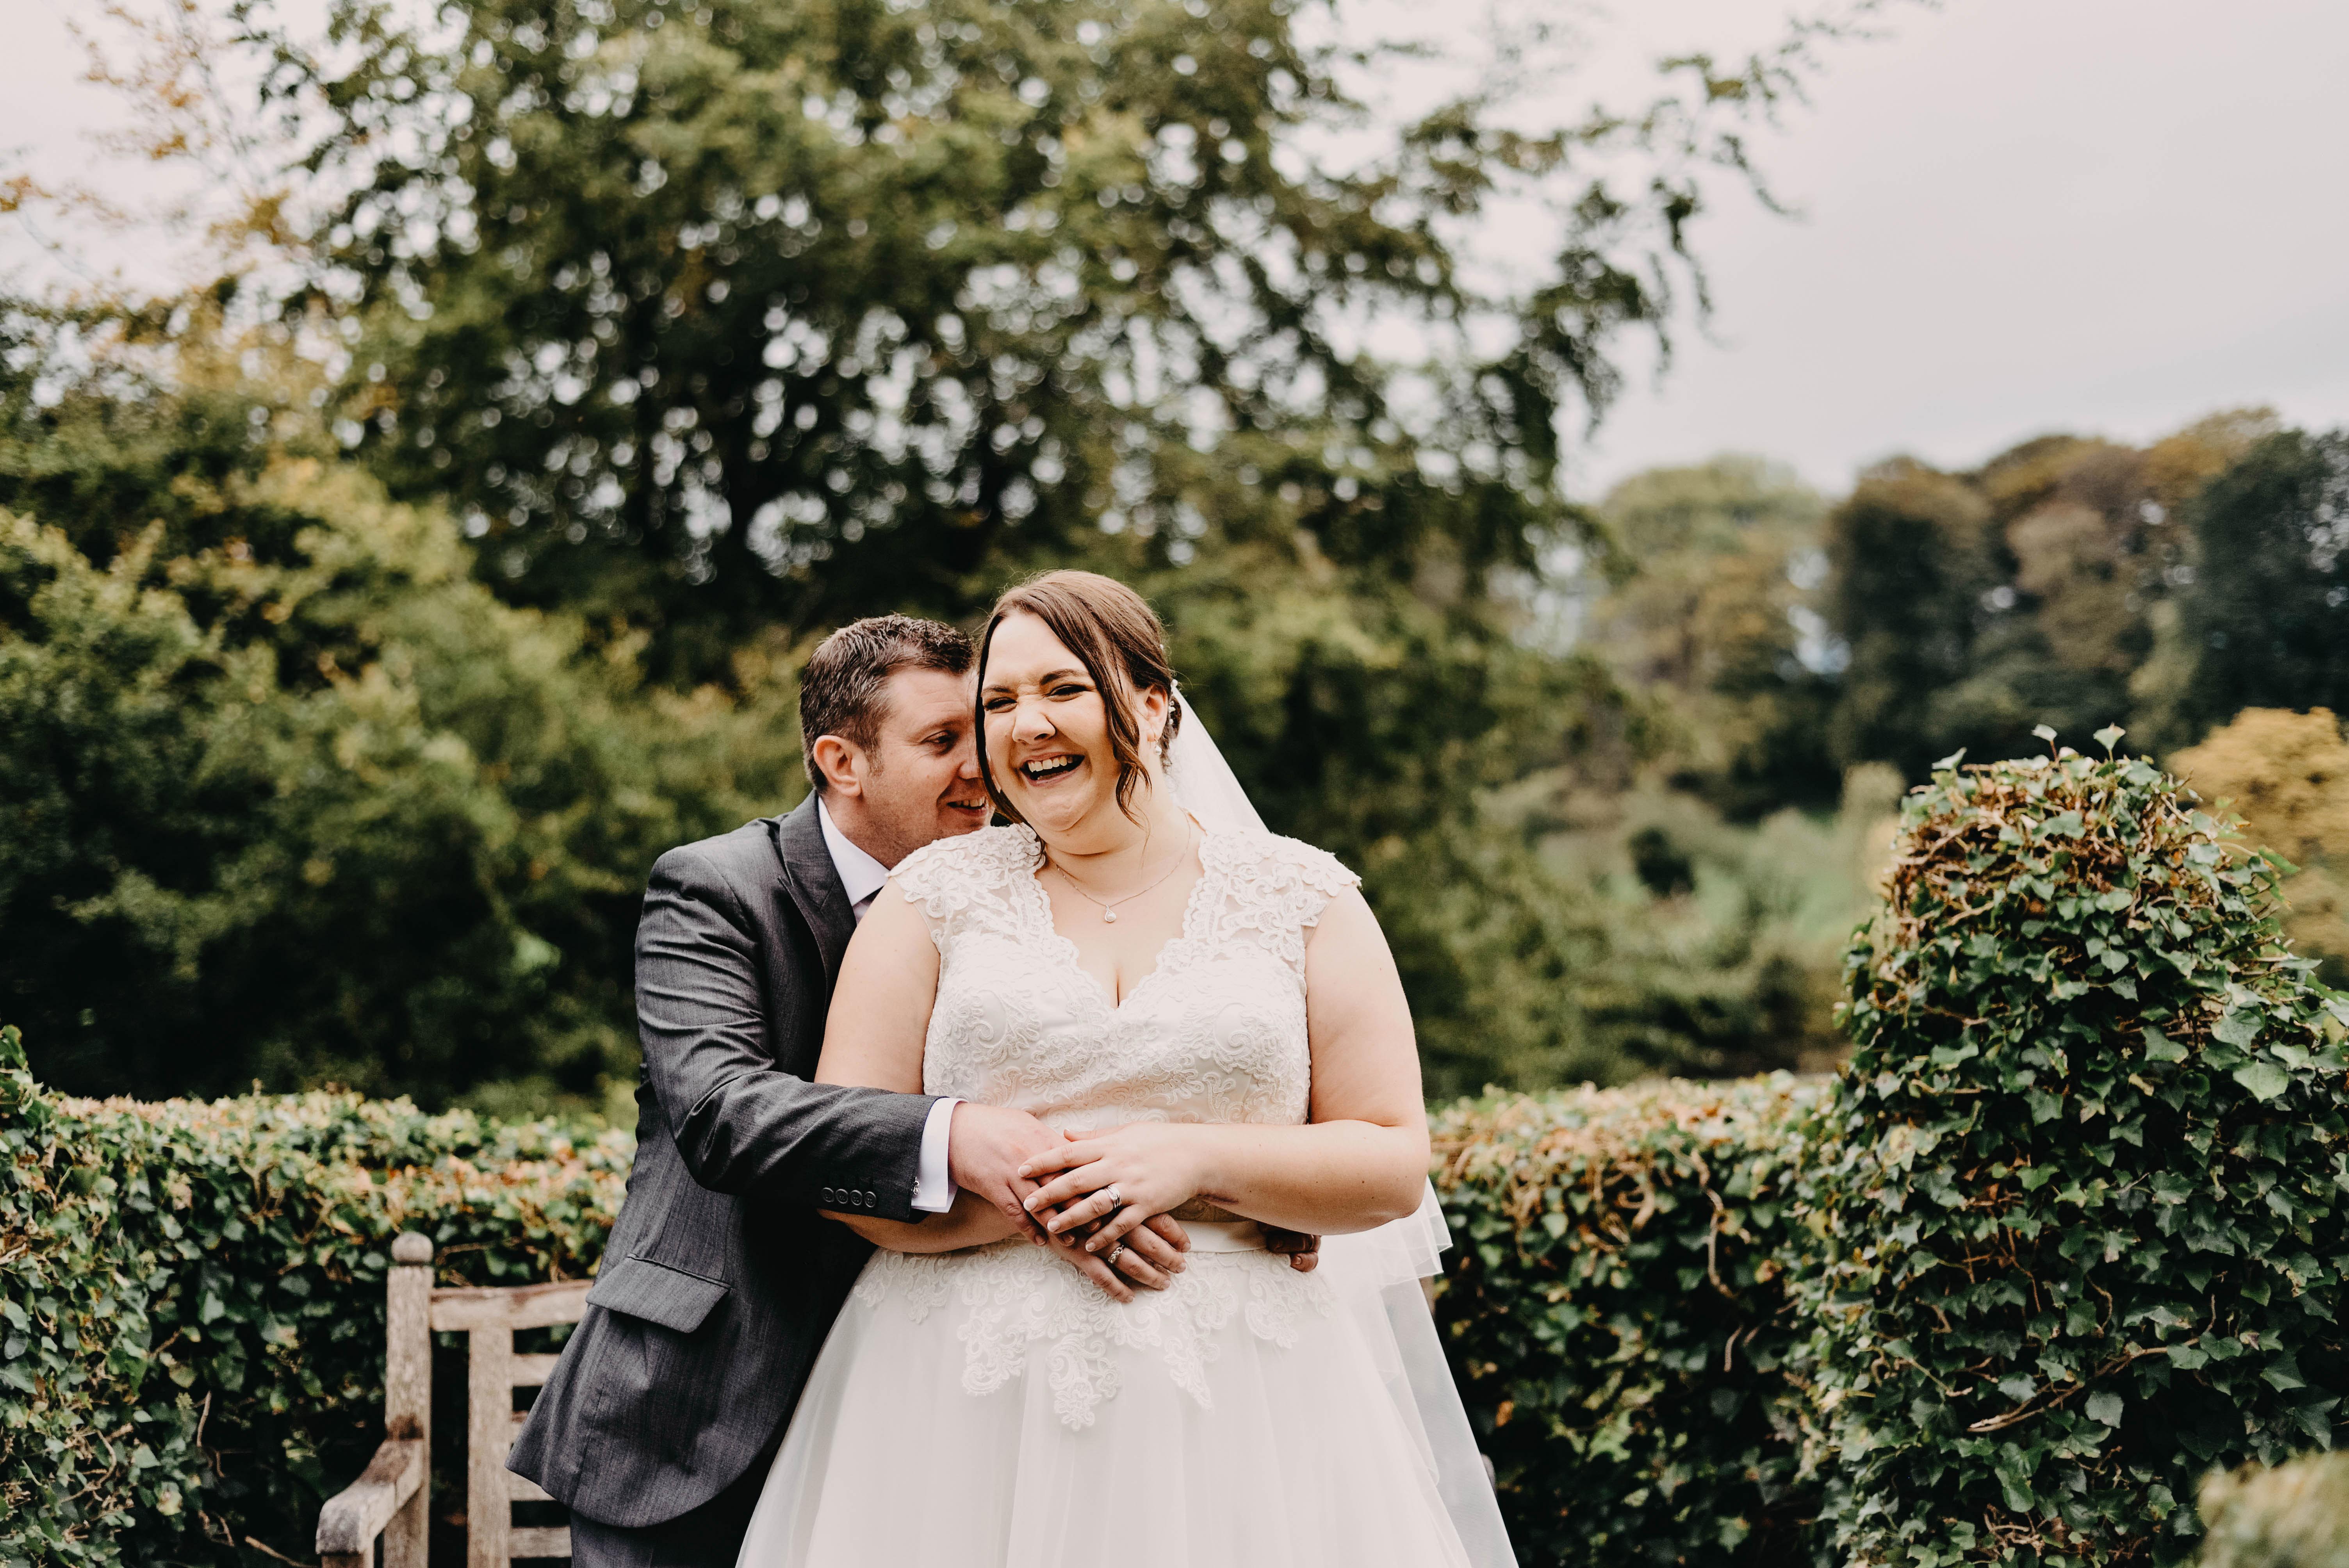 bride and groom hug and giggle